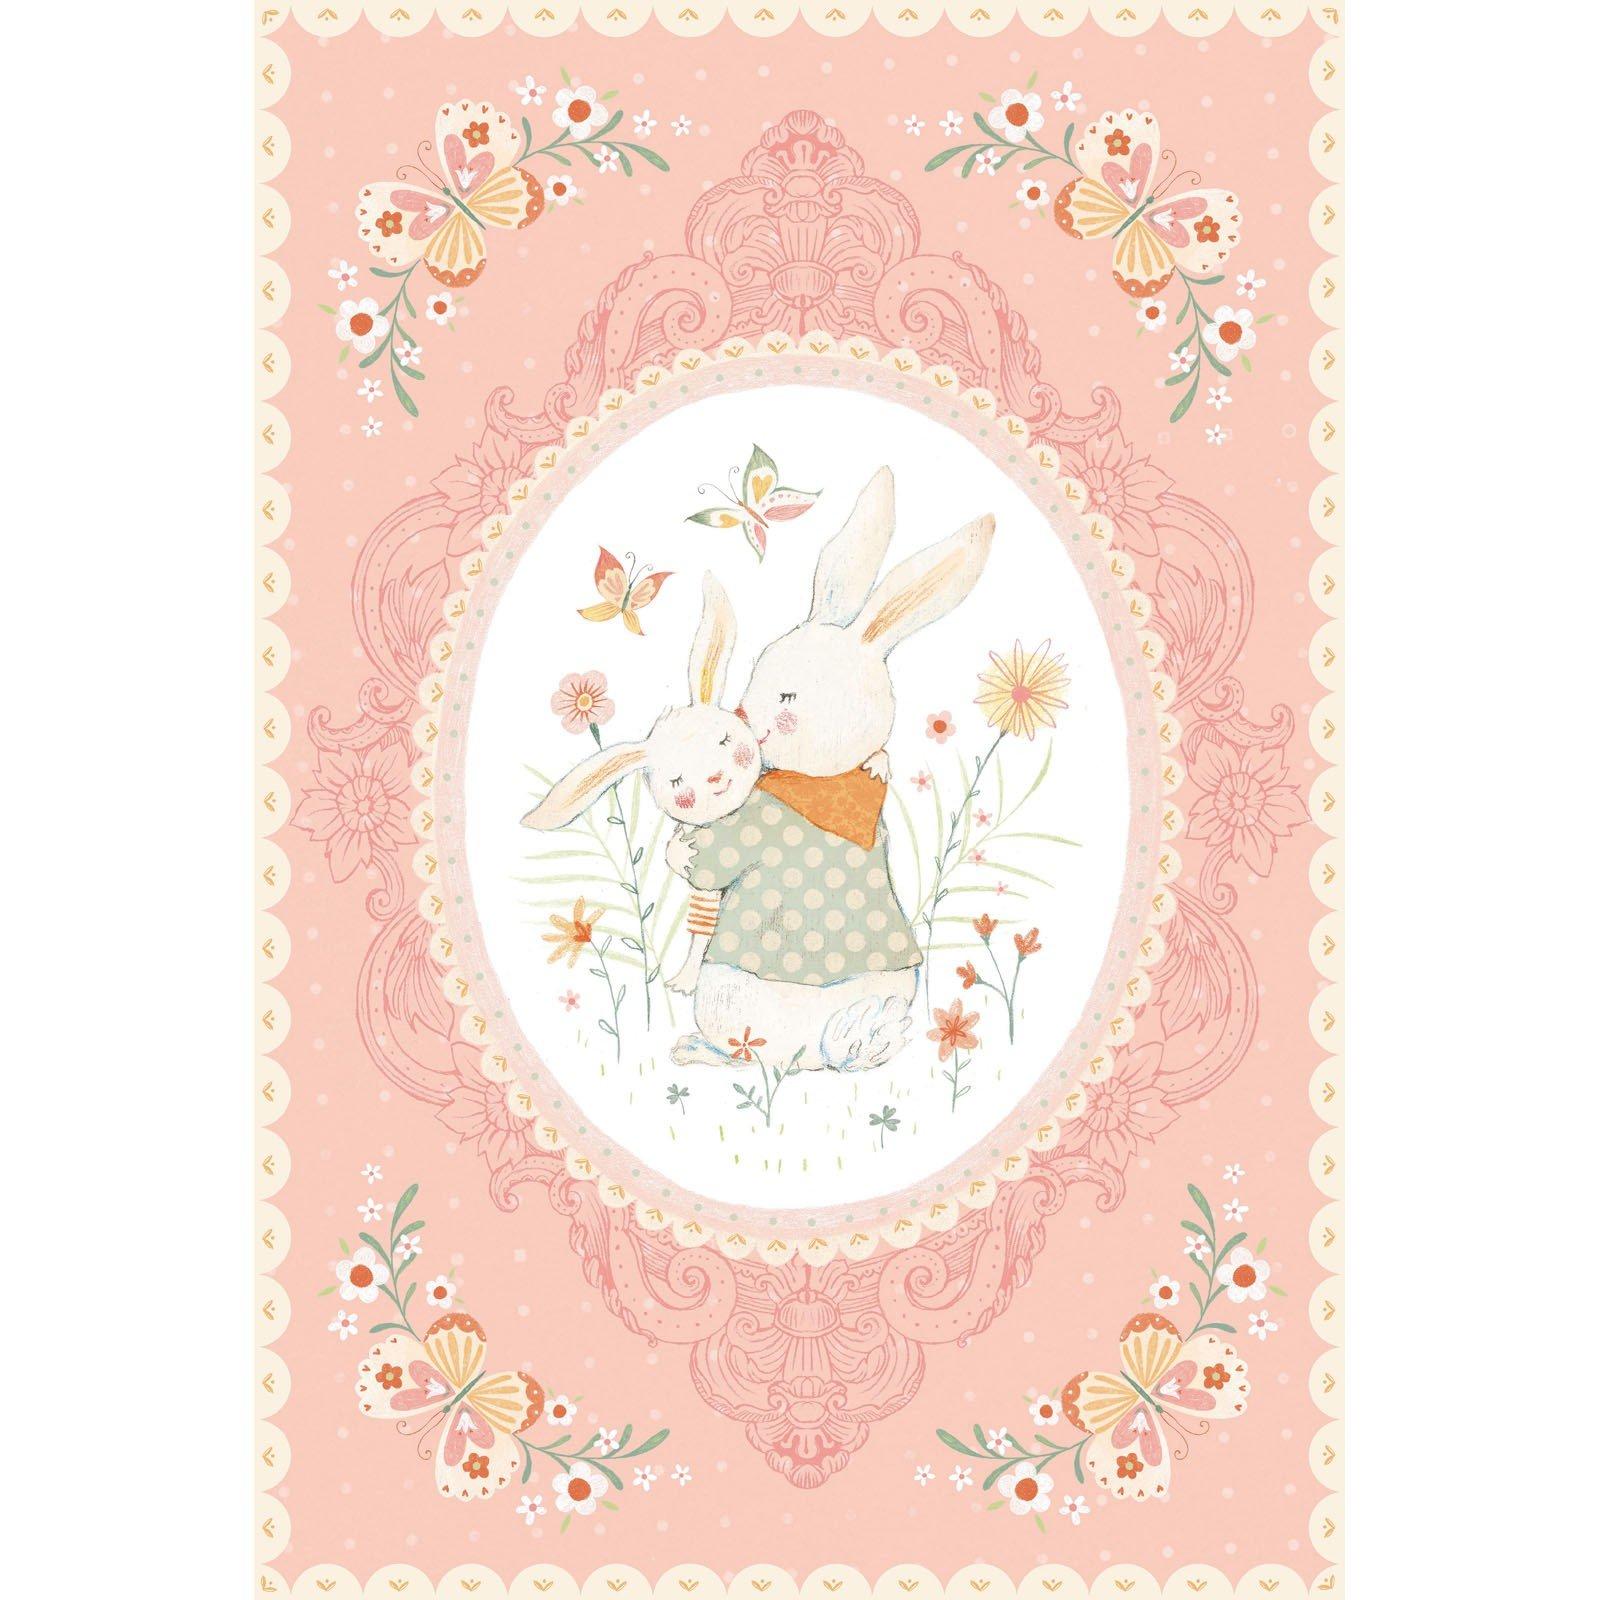 Bunny Tales Panel<br/>Studio-e 3550P-22